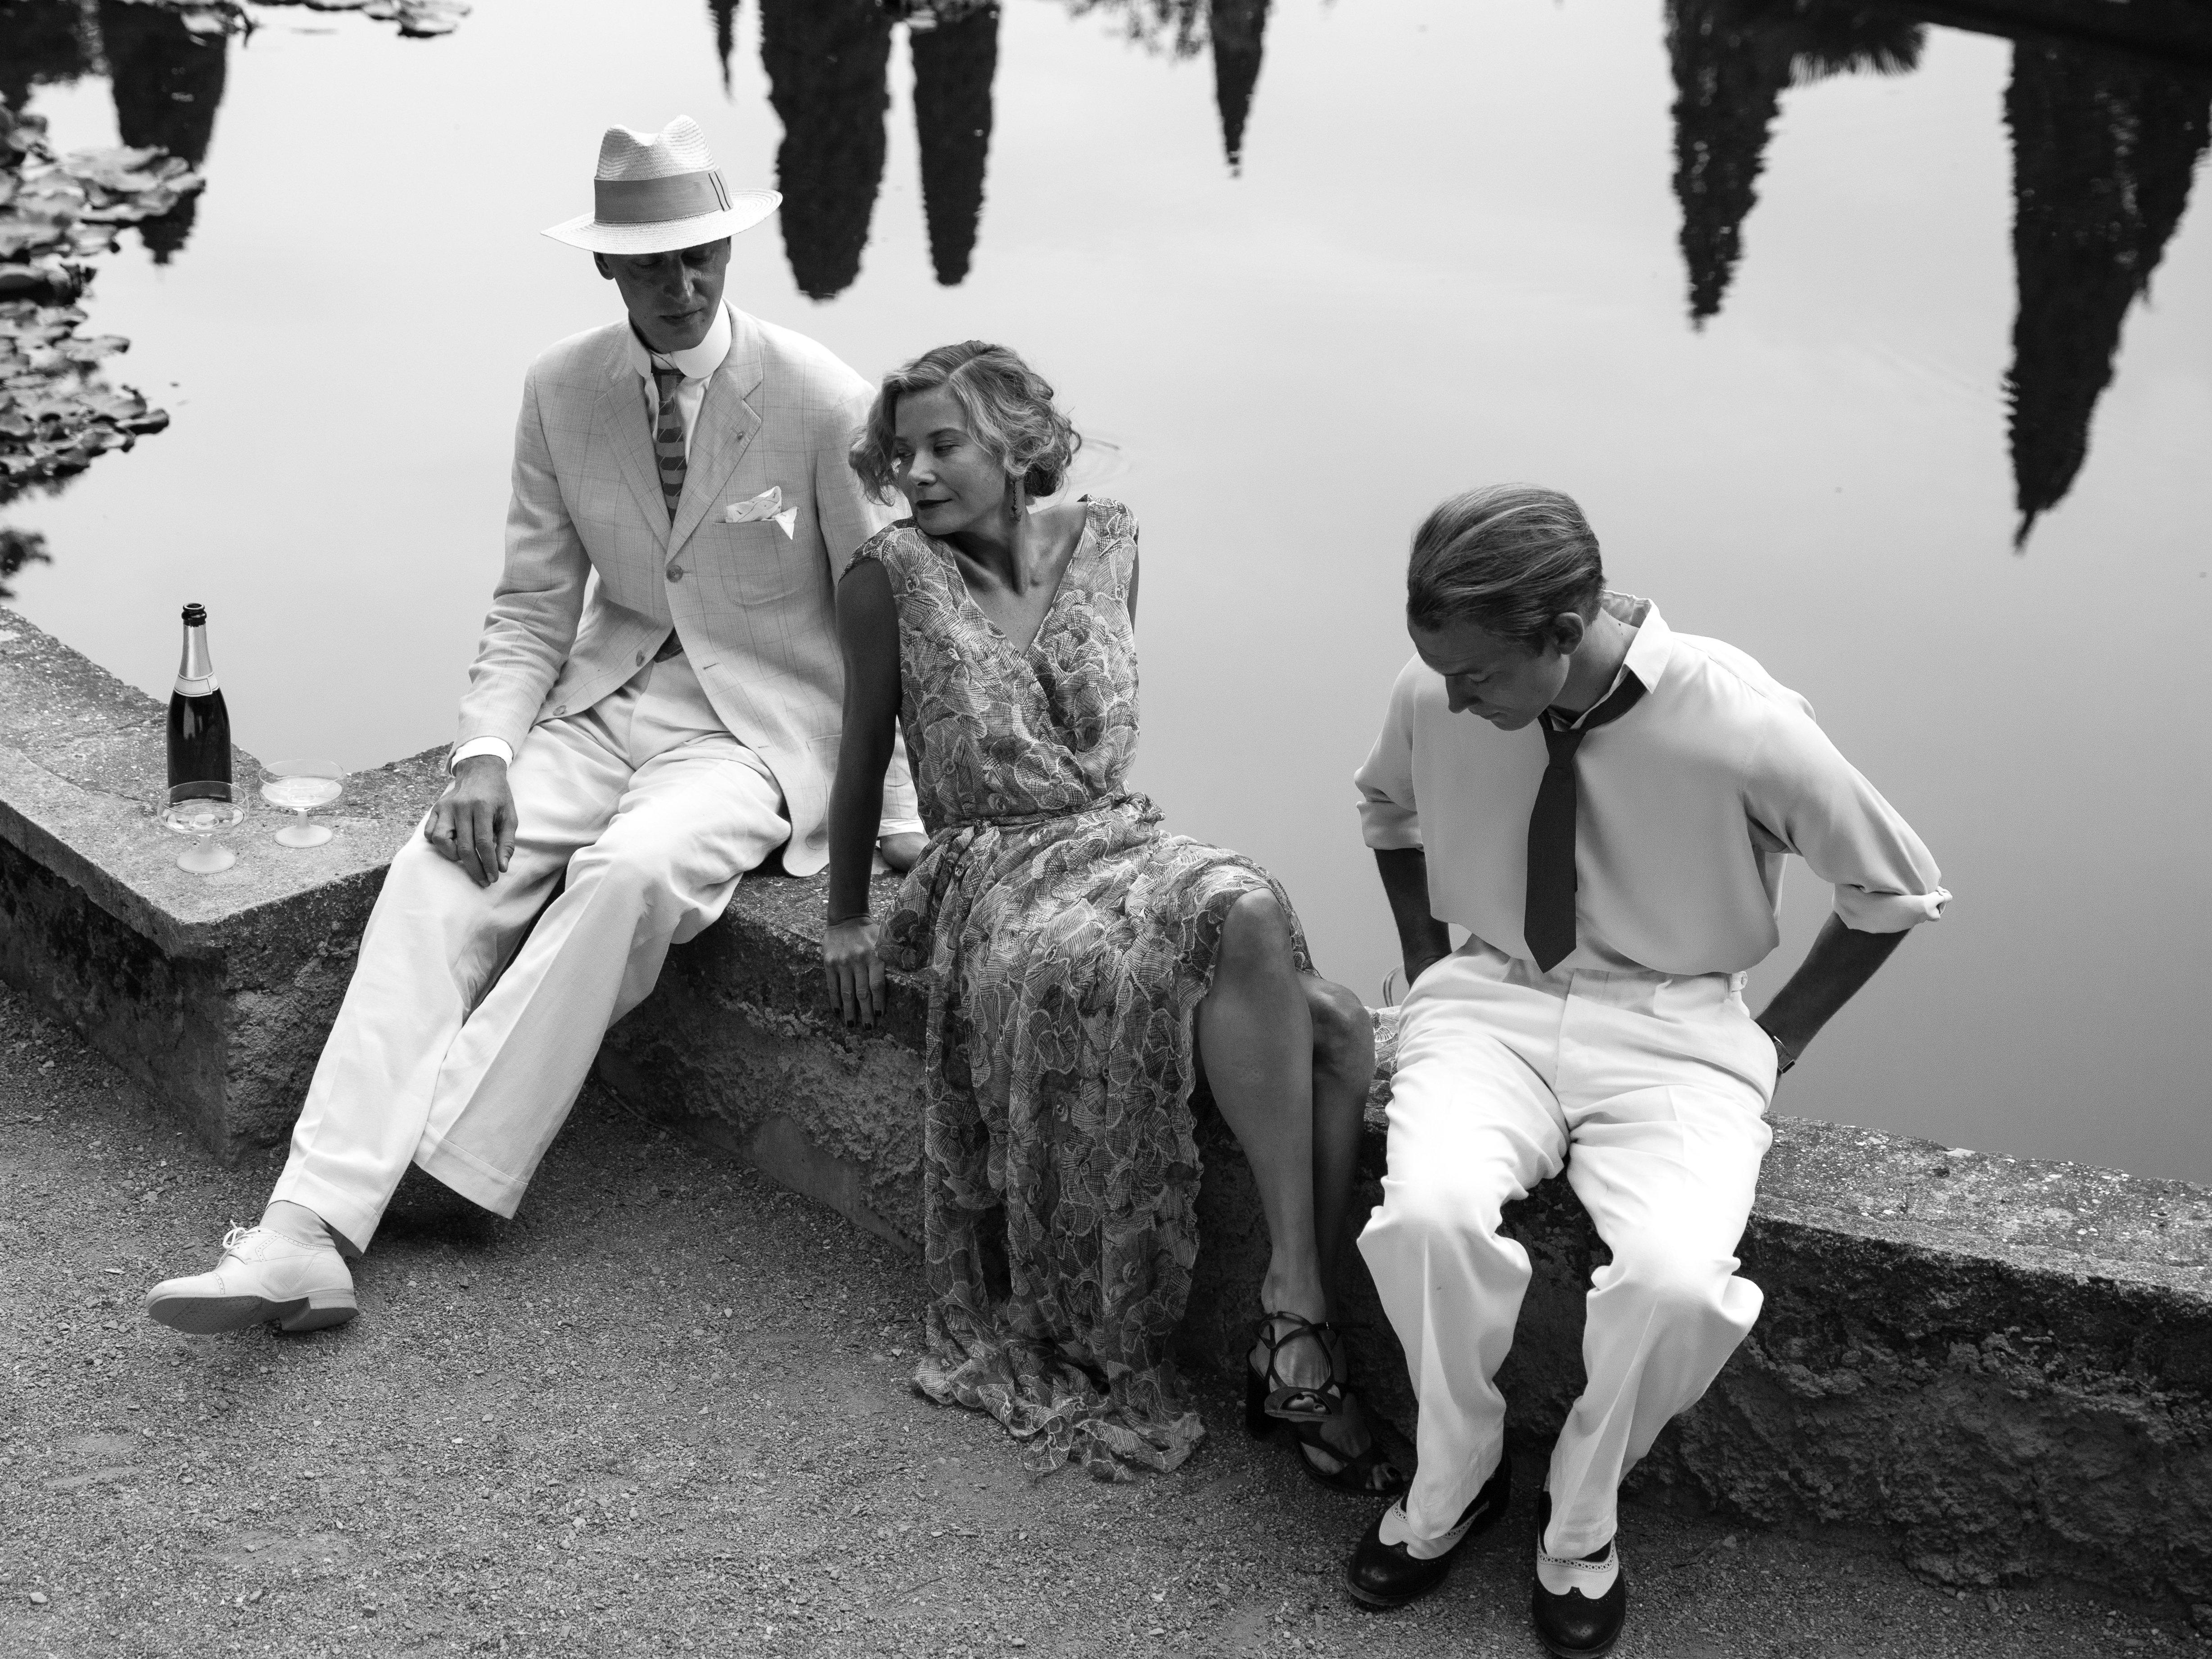 Юлия Высоцкая: «Рай» — фильм для человека, который любит думать»